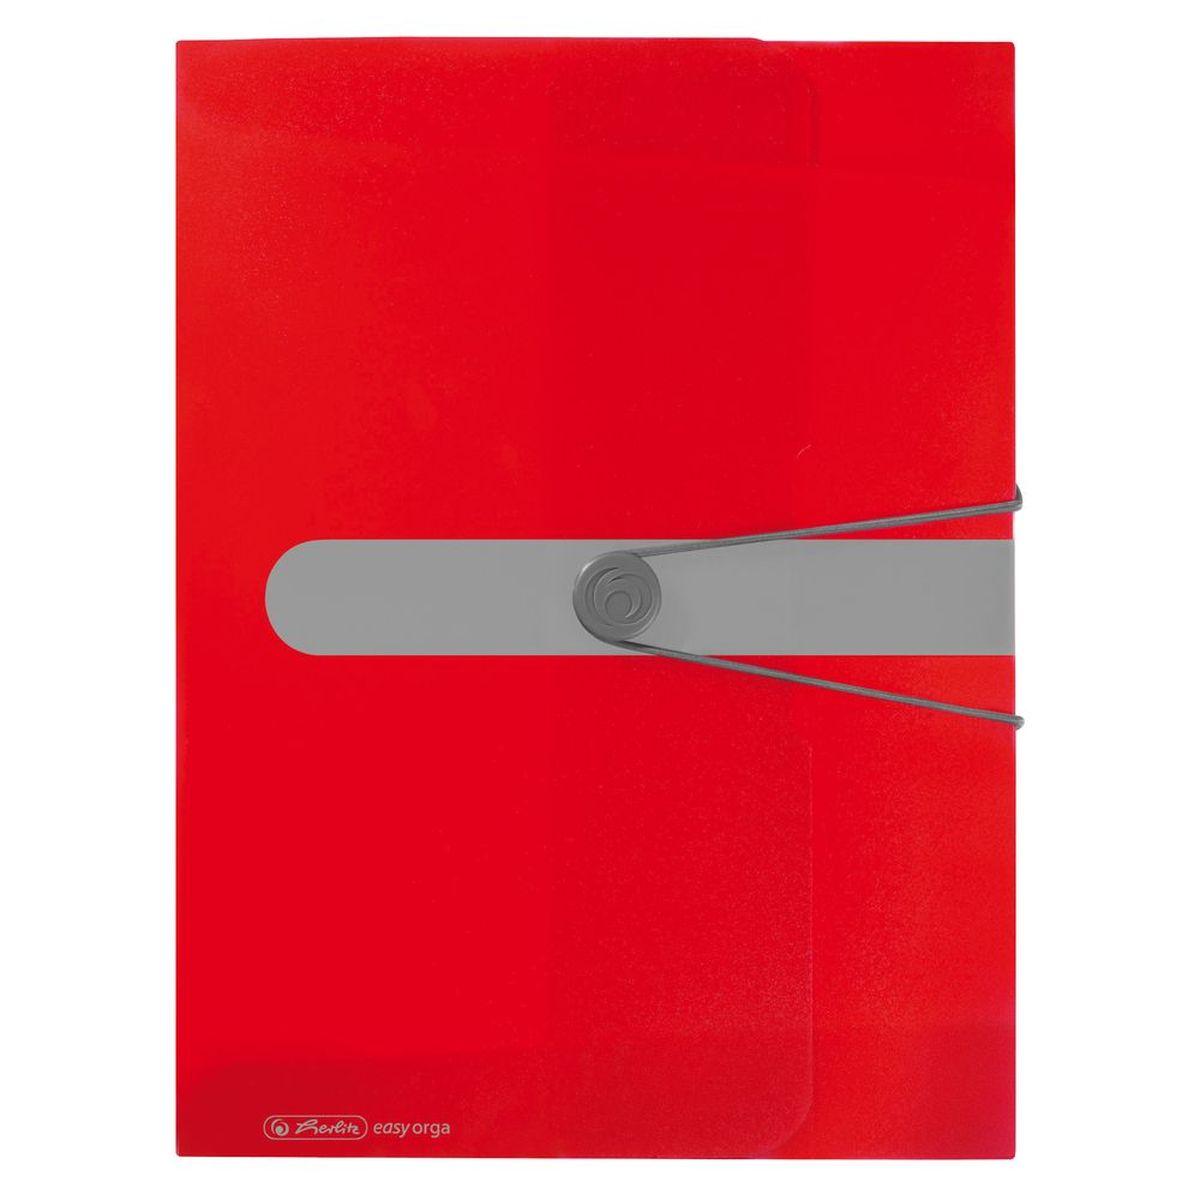 Herlitz Папка-конверт Easy orga to go цвет красныйFS-54115Папка-конверт Herlitz Easy orga to go станет вашим верным помощником дома и в офисе.Это удобный и функциональный инструмент, предназначенный для хранения и транспортировки больших объемов рабочих бумаг и документов формата А4. Папка изготовлена из износостойкого пластика и качественного полипропилена. Состоит из одного вместительного отделения. Закрывается папка при помощи резинки, а на корешке папки есть ярлычок.Папка - это незаменимый атрибут для любого студента, школьника или офисного работника. Такая папка надежно сохранит ваши бумаги и сбережет их от повреждений, пыли и влаги.